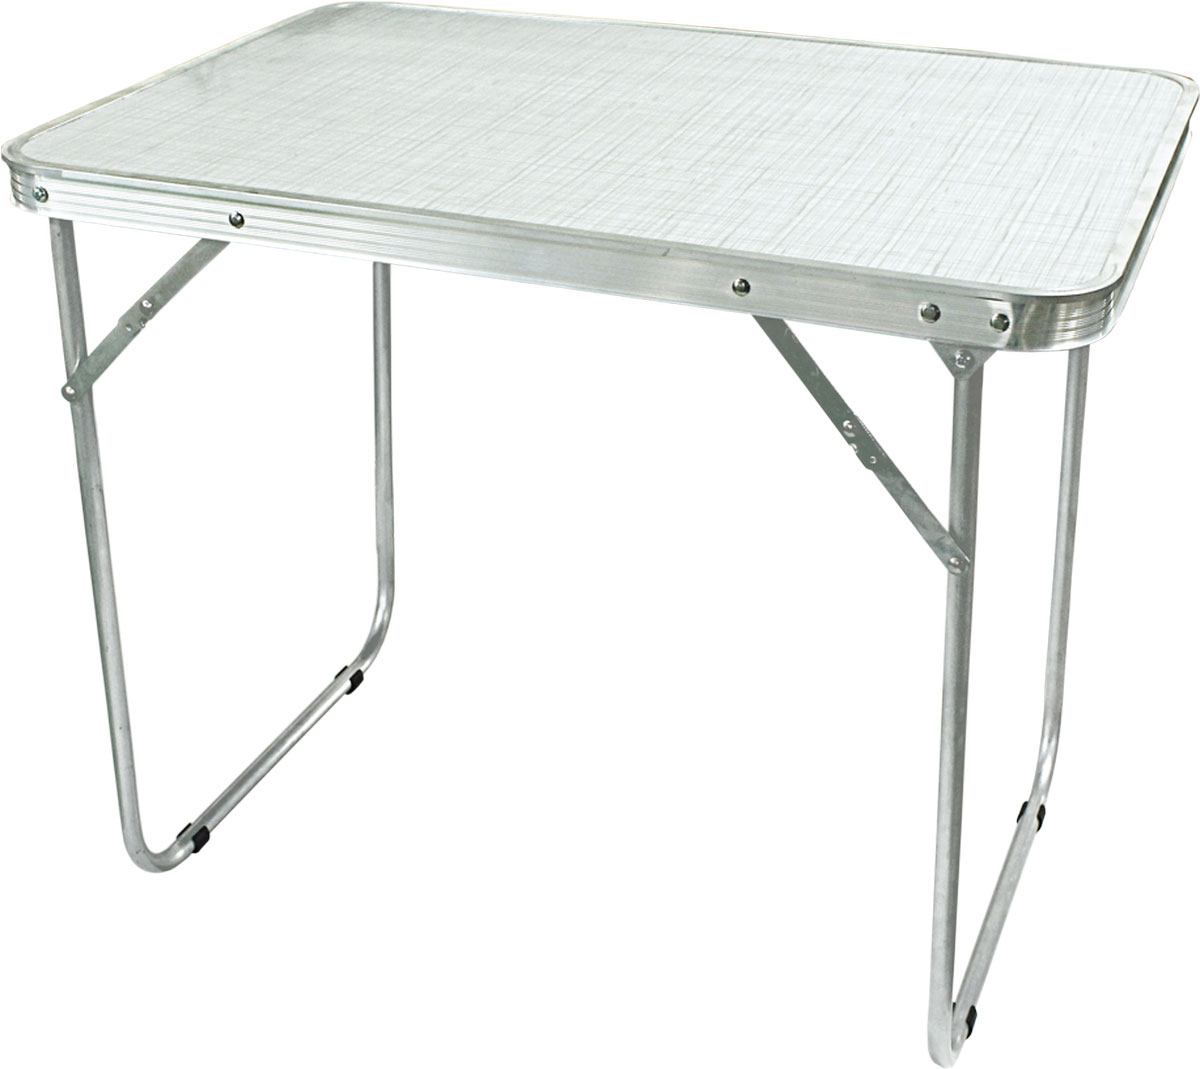 Стол складной Woodland Camping Table Light, цвет: белый, стальной, 70 x 50 x 60 см